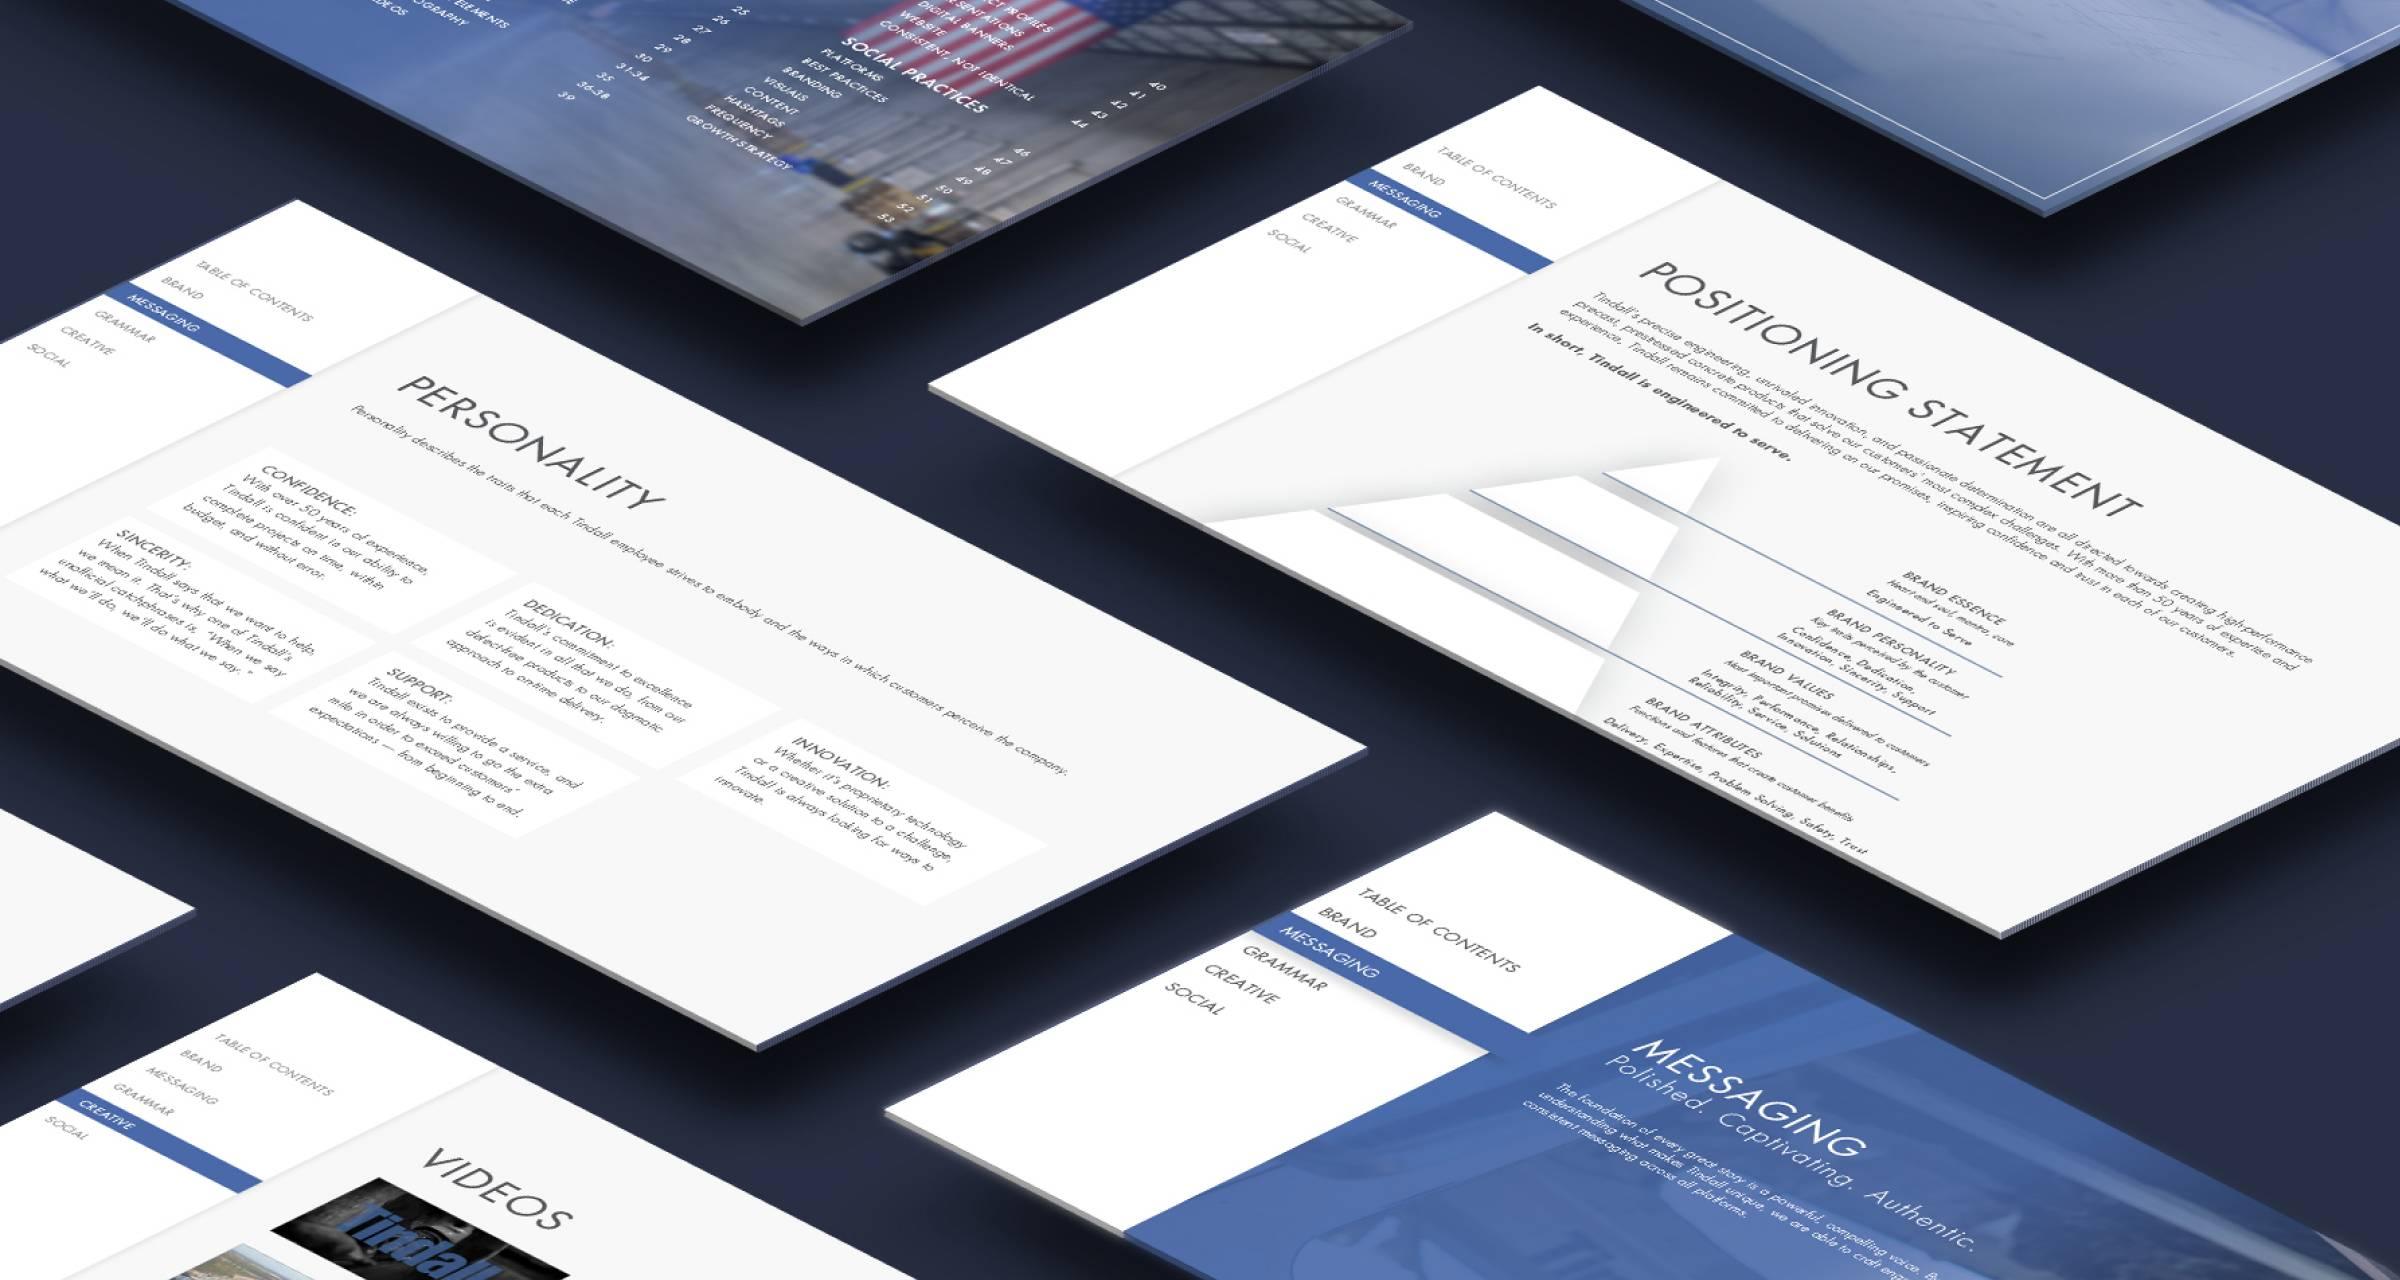 tindall-corporation-branding-slides